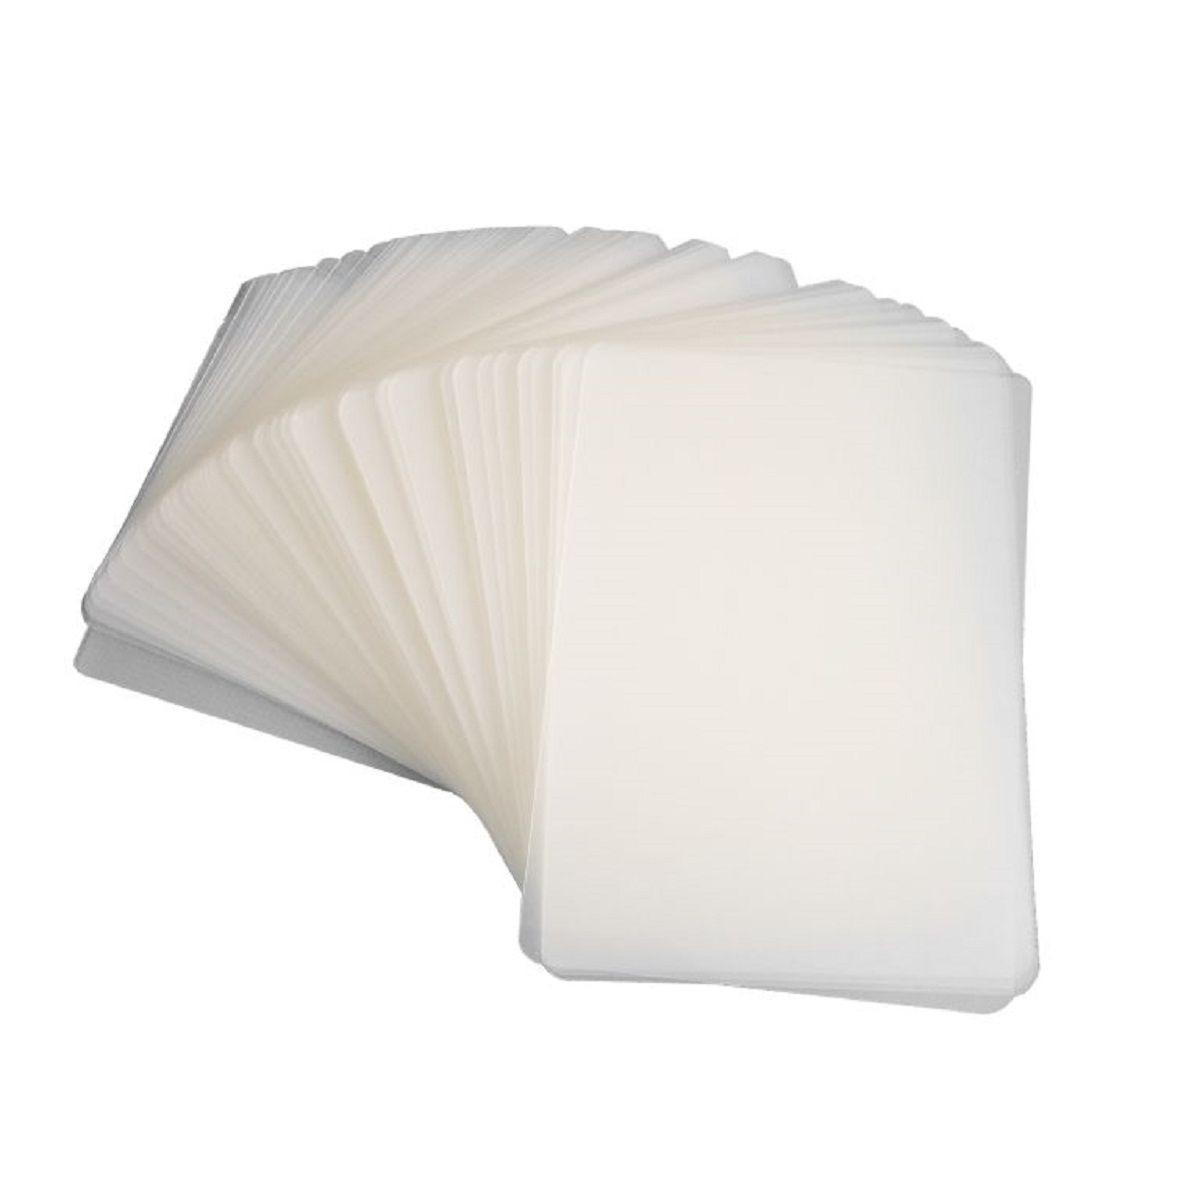 Polaseal para Plastificação Crachá 54x86x0,10mm (250 micras) - Pacote com 100 unidades  - Click Suprimentos